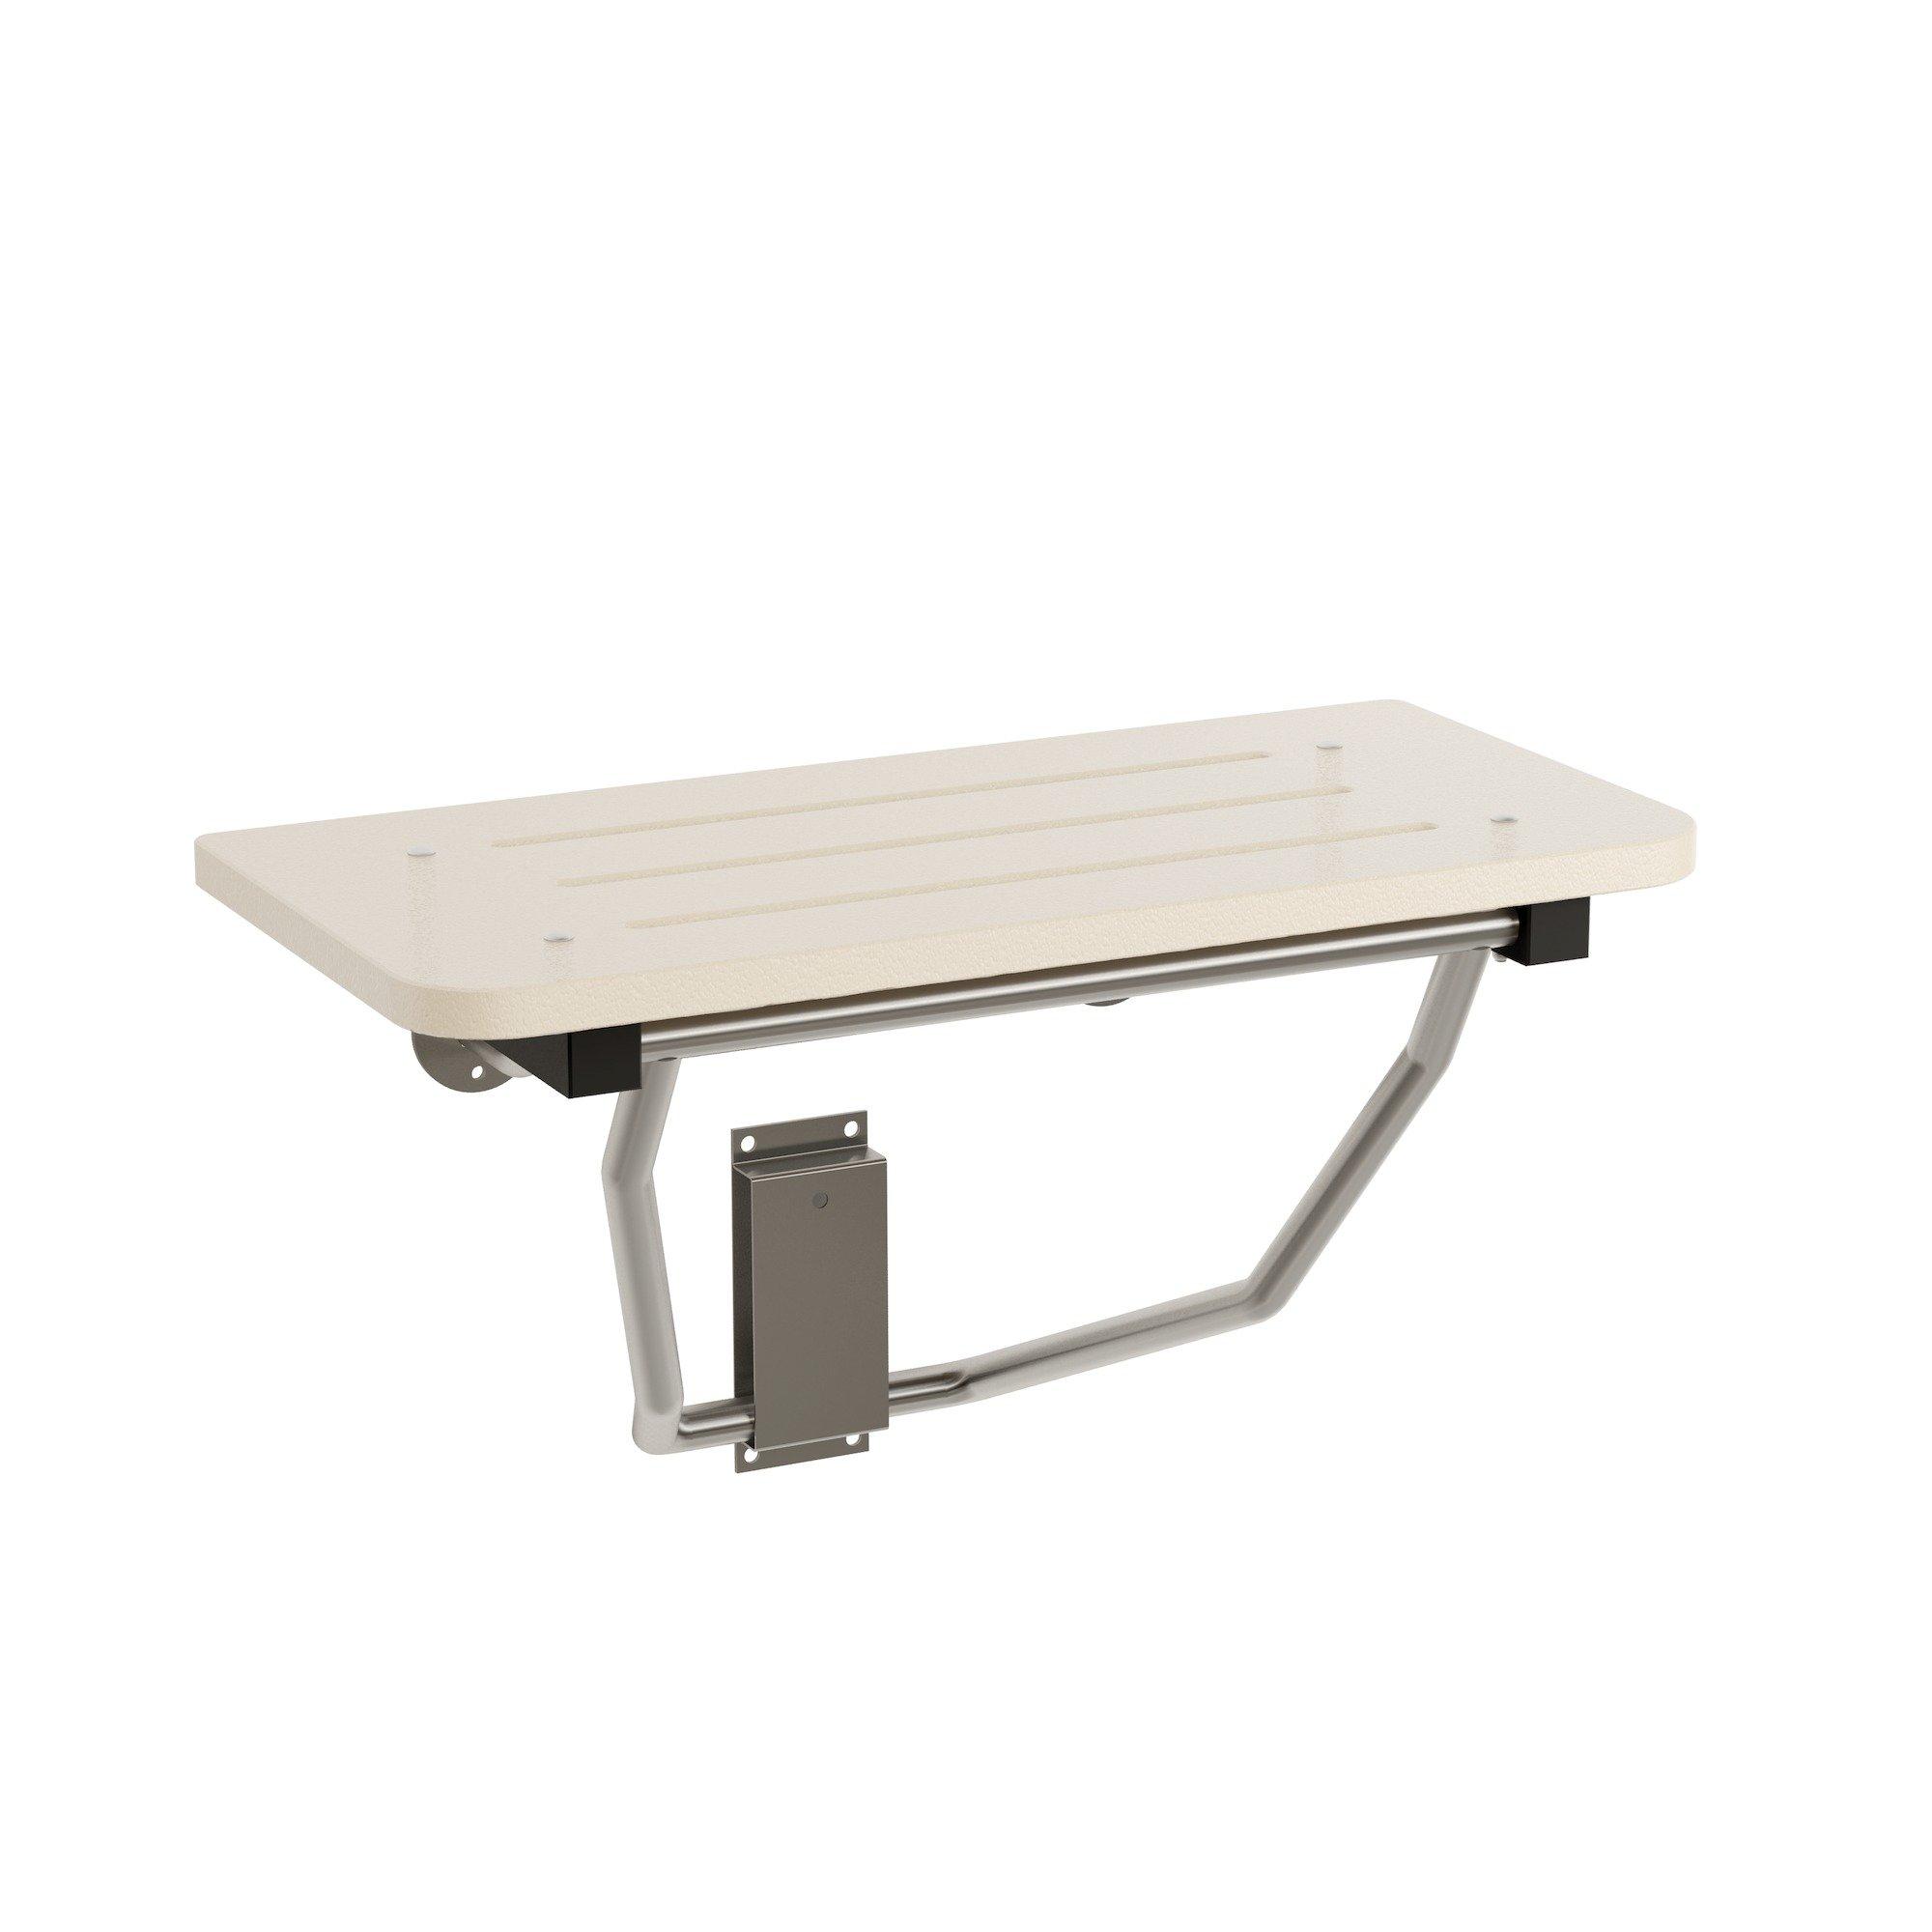 Bradley Shower Seats Bench 9593-000000 | Accurate Door & Hardware, Inc